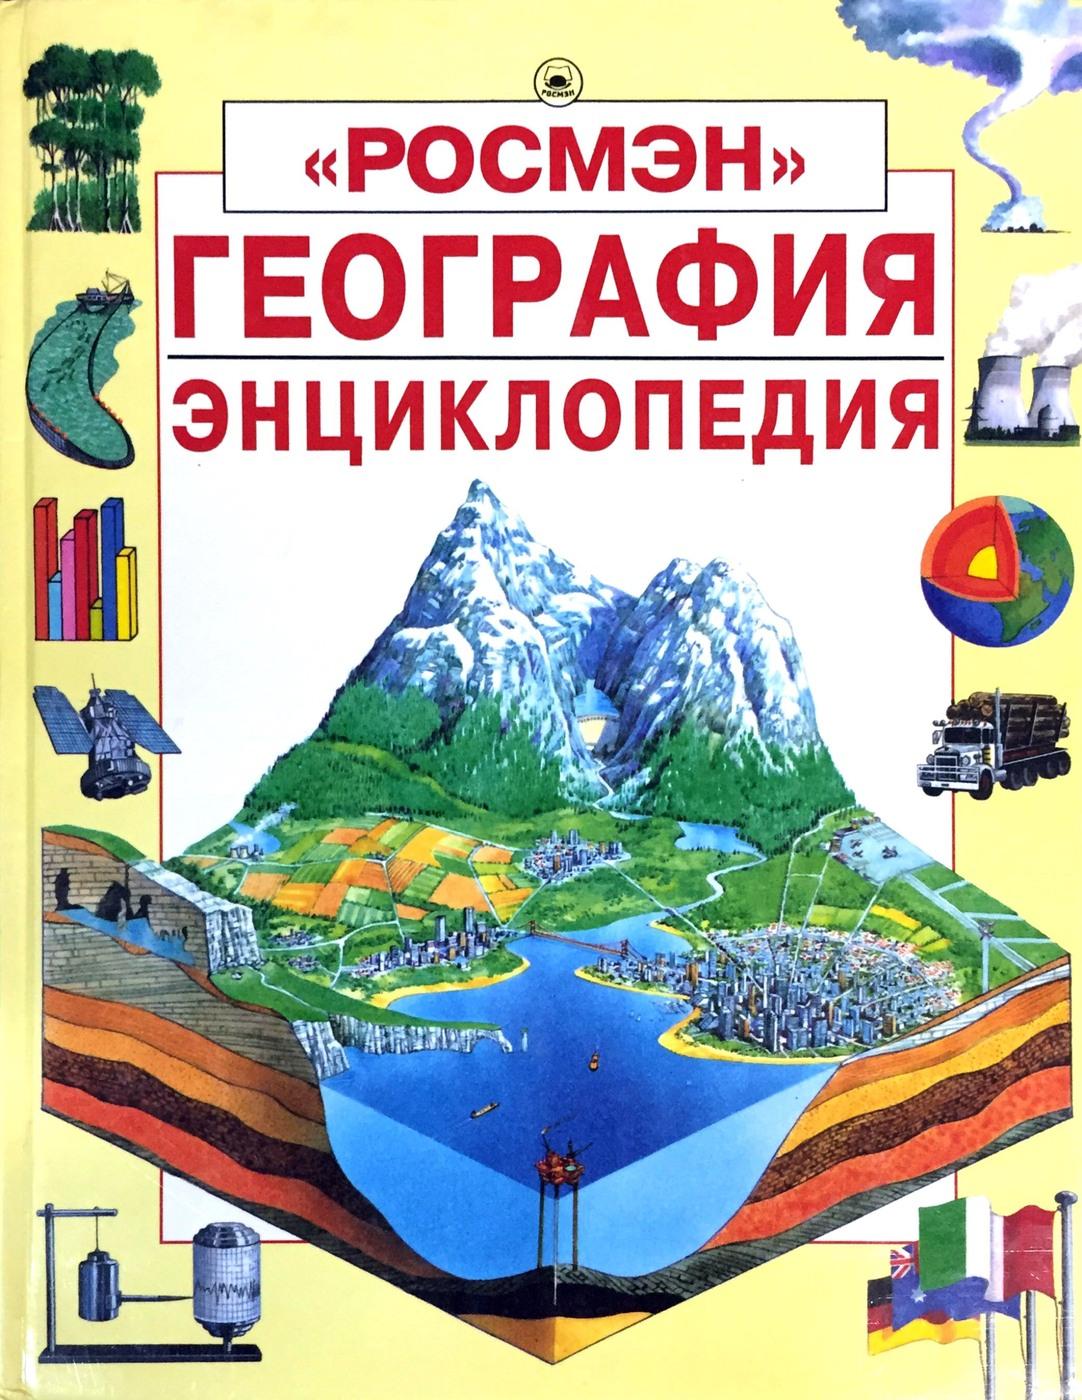 Кэрол Варли, Лайза Майлз. География. Энциклопедия